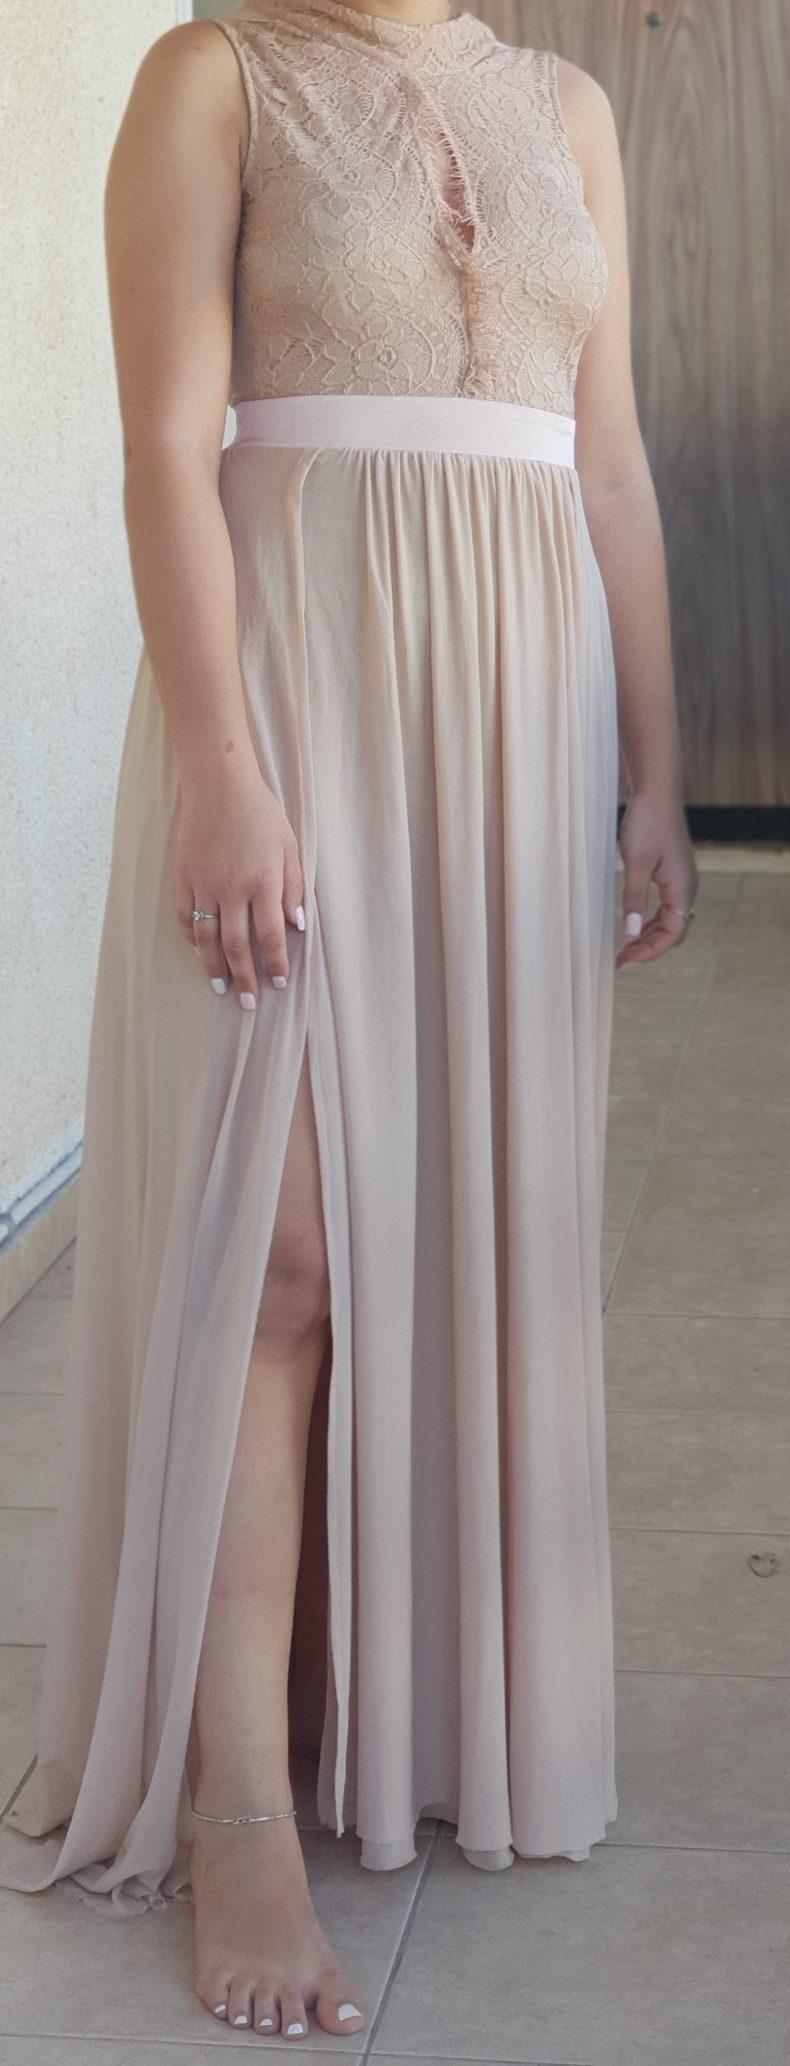 2 שמלות ערב מידה s